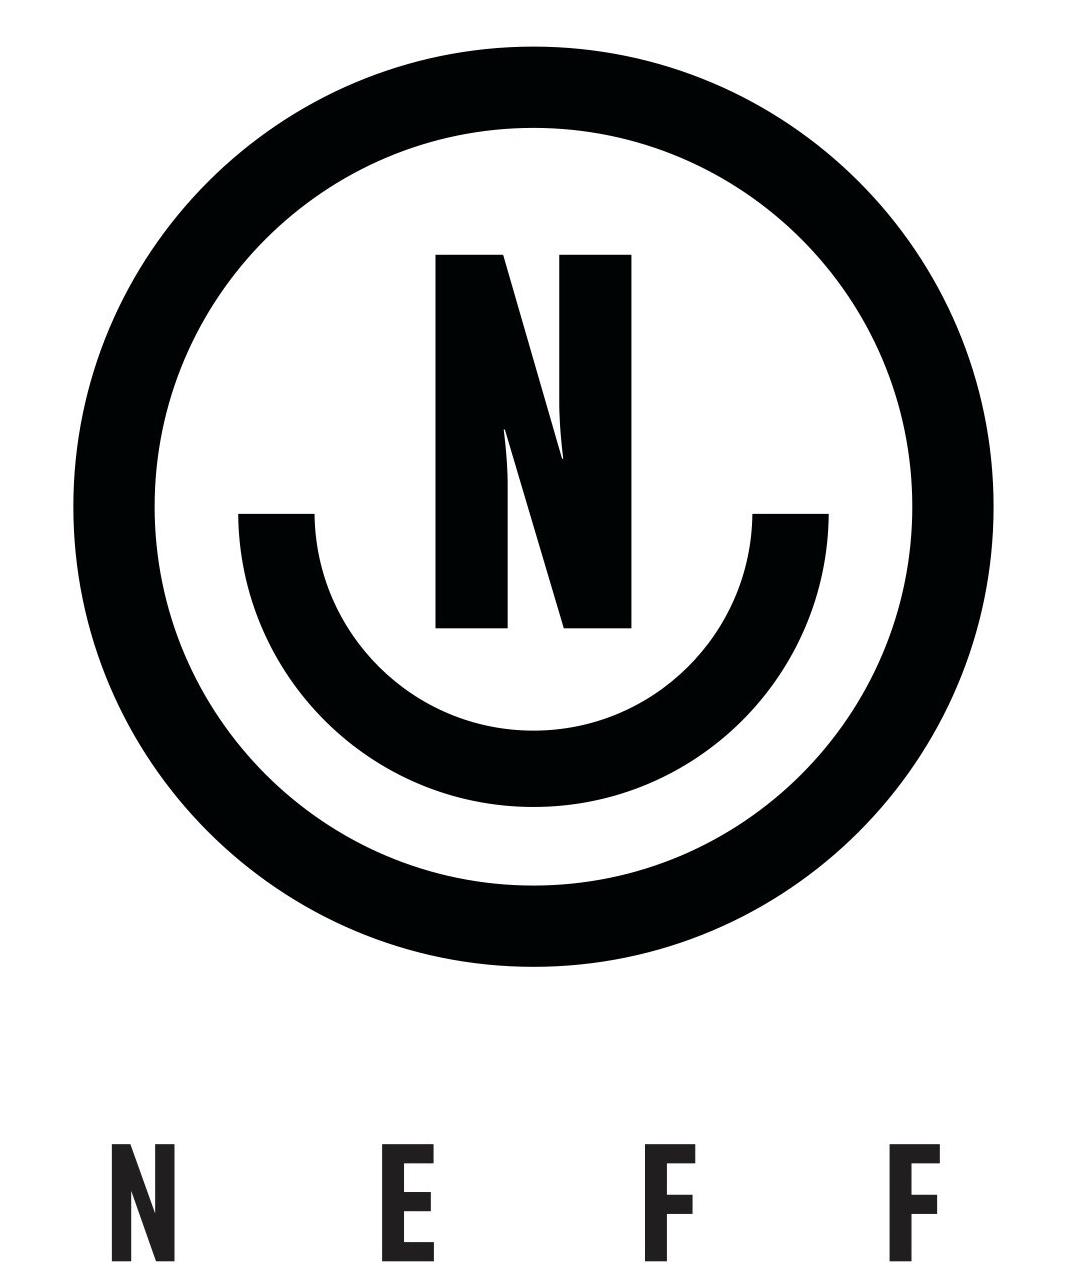 neff-logo-new.jpg